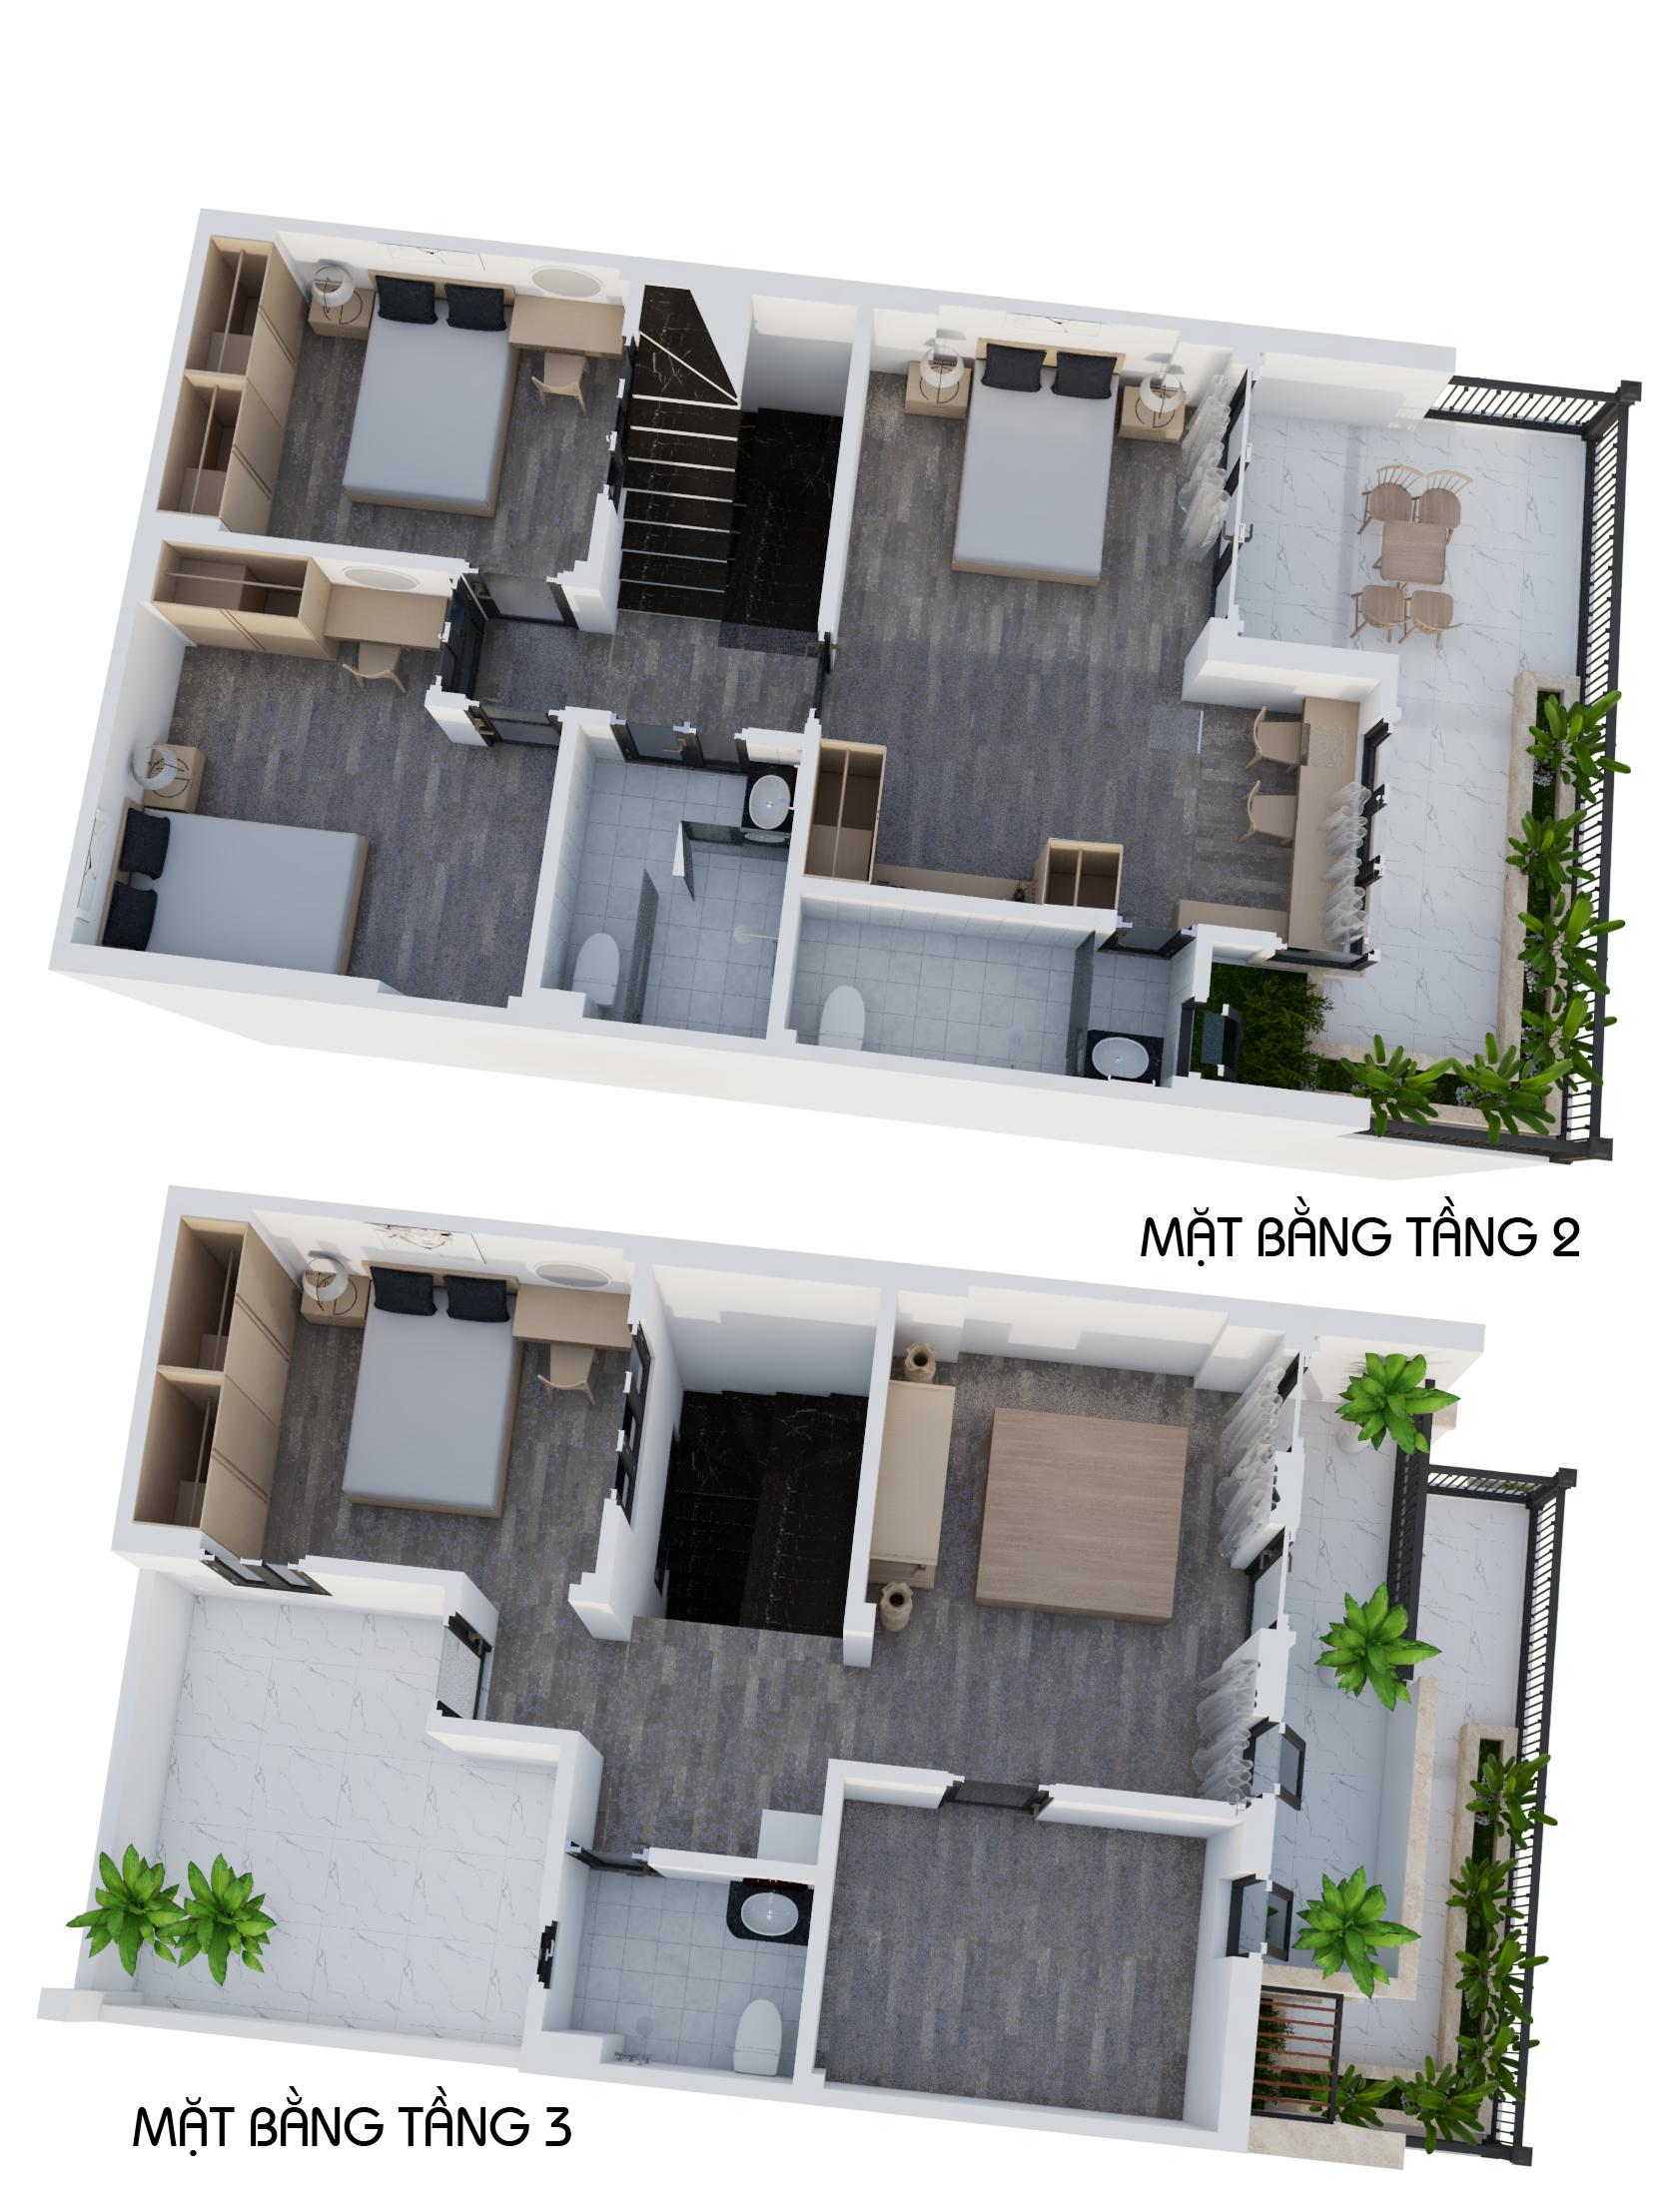 Mặt bằng tầng 2 và tầng 3